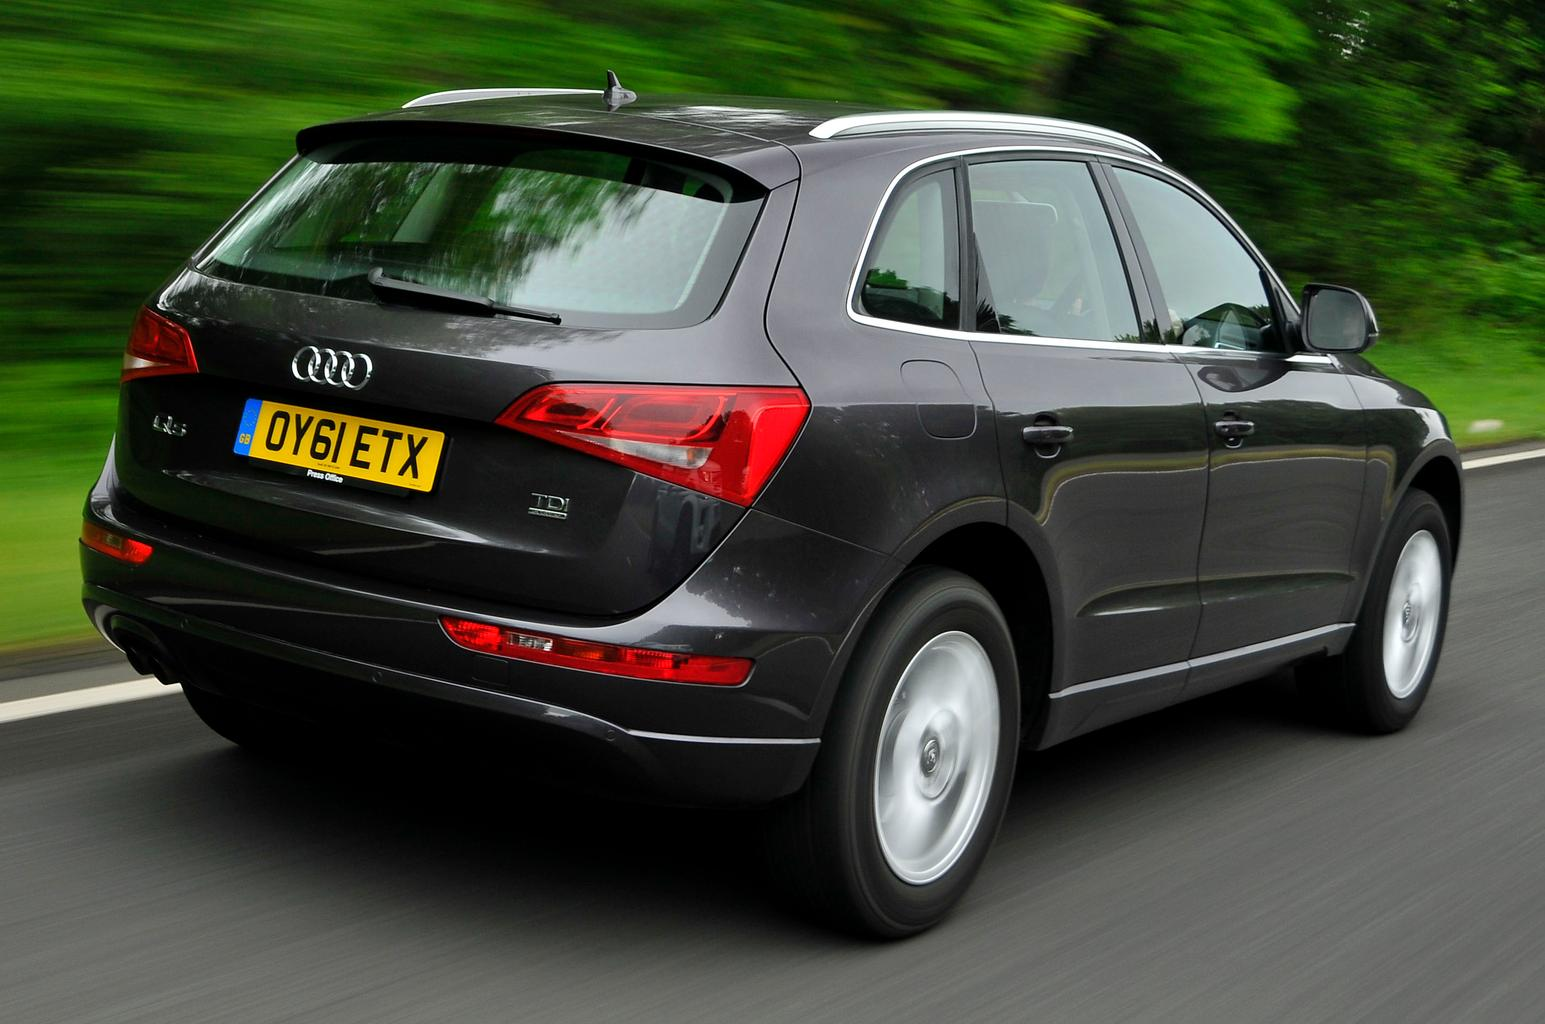 Used test – SUV vs estate: Audi Q5 vs Volkswagen Passat Alltrack vs Volvo XC60